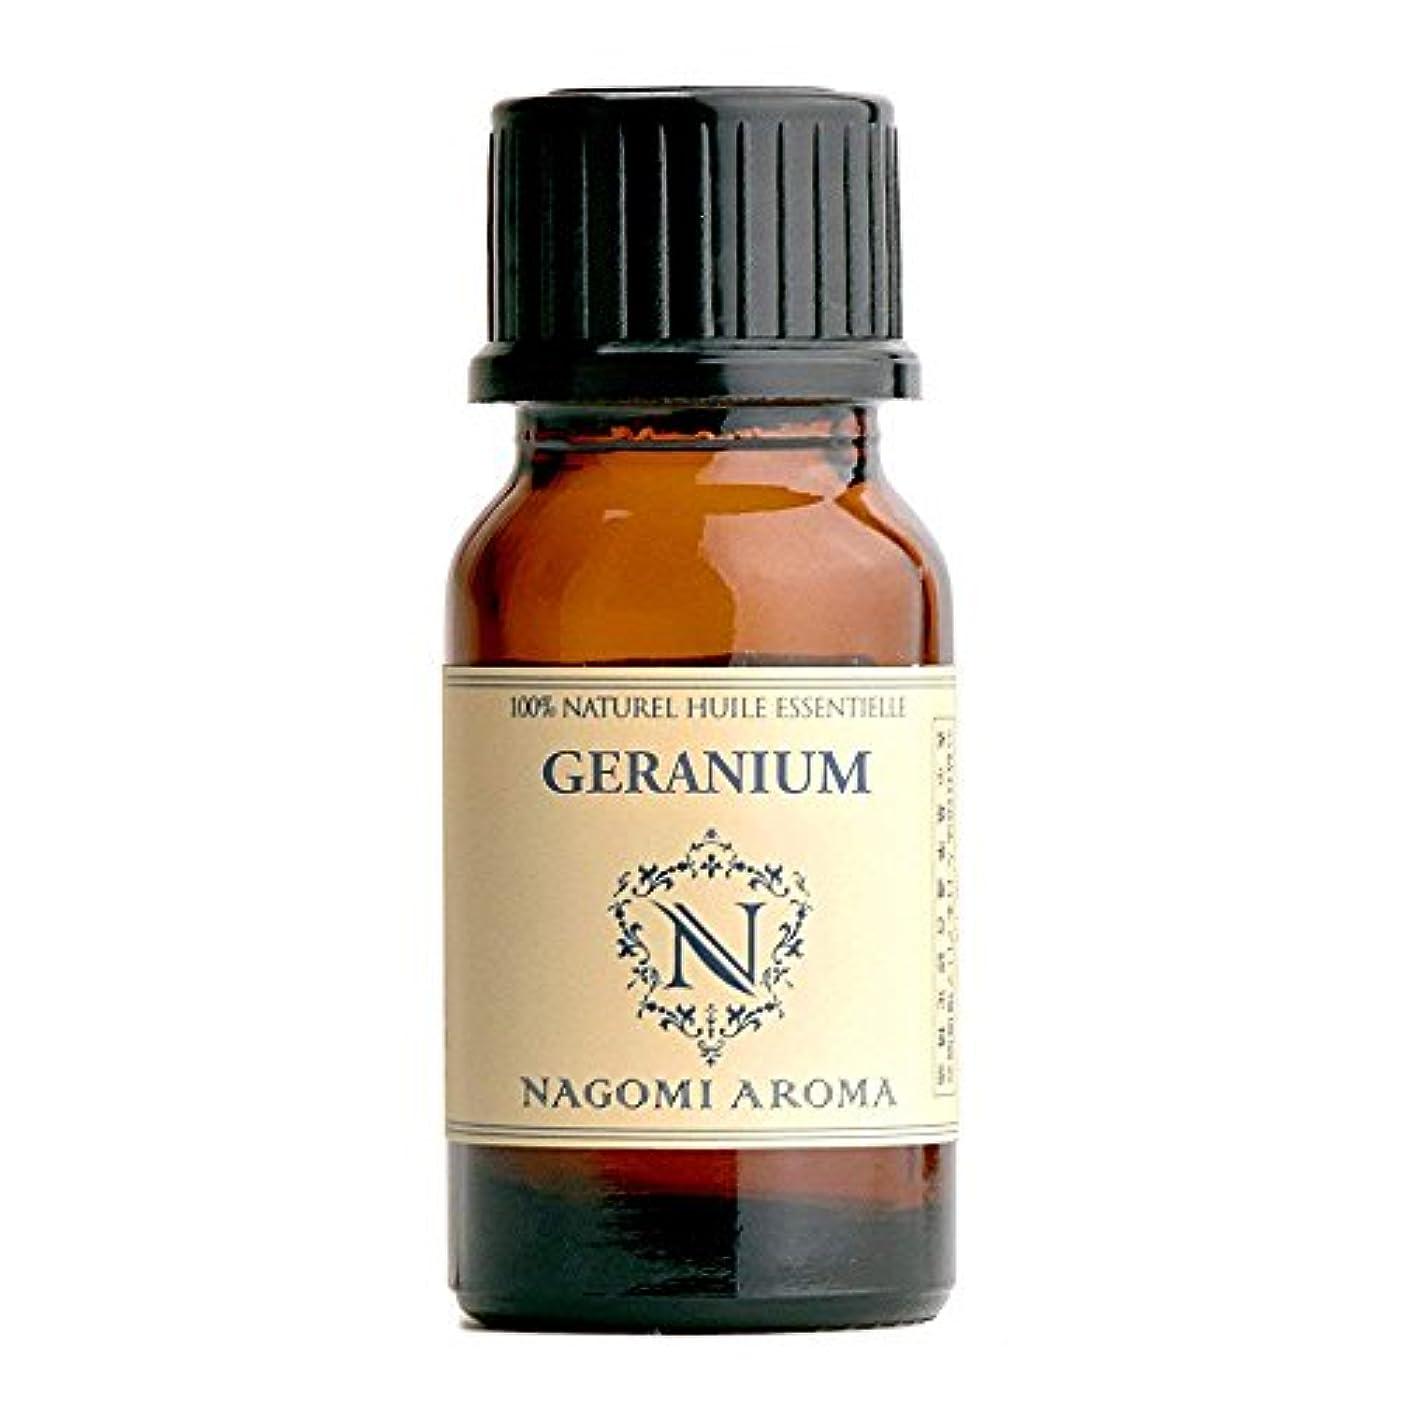 個人雄弁家一時的NAGOMI AROMA ゼラニウム?ブルボン 10ml